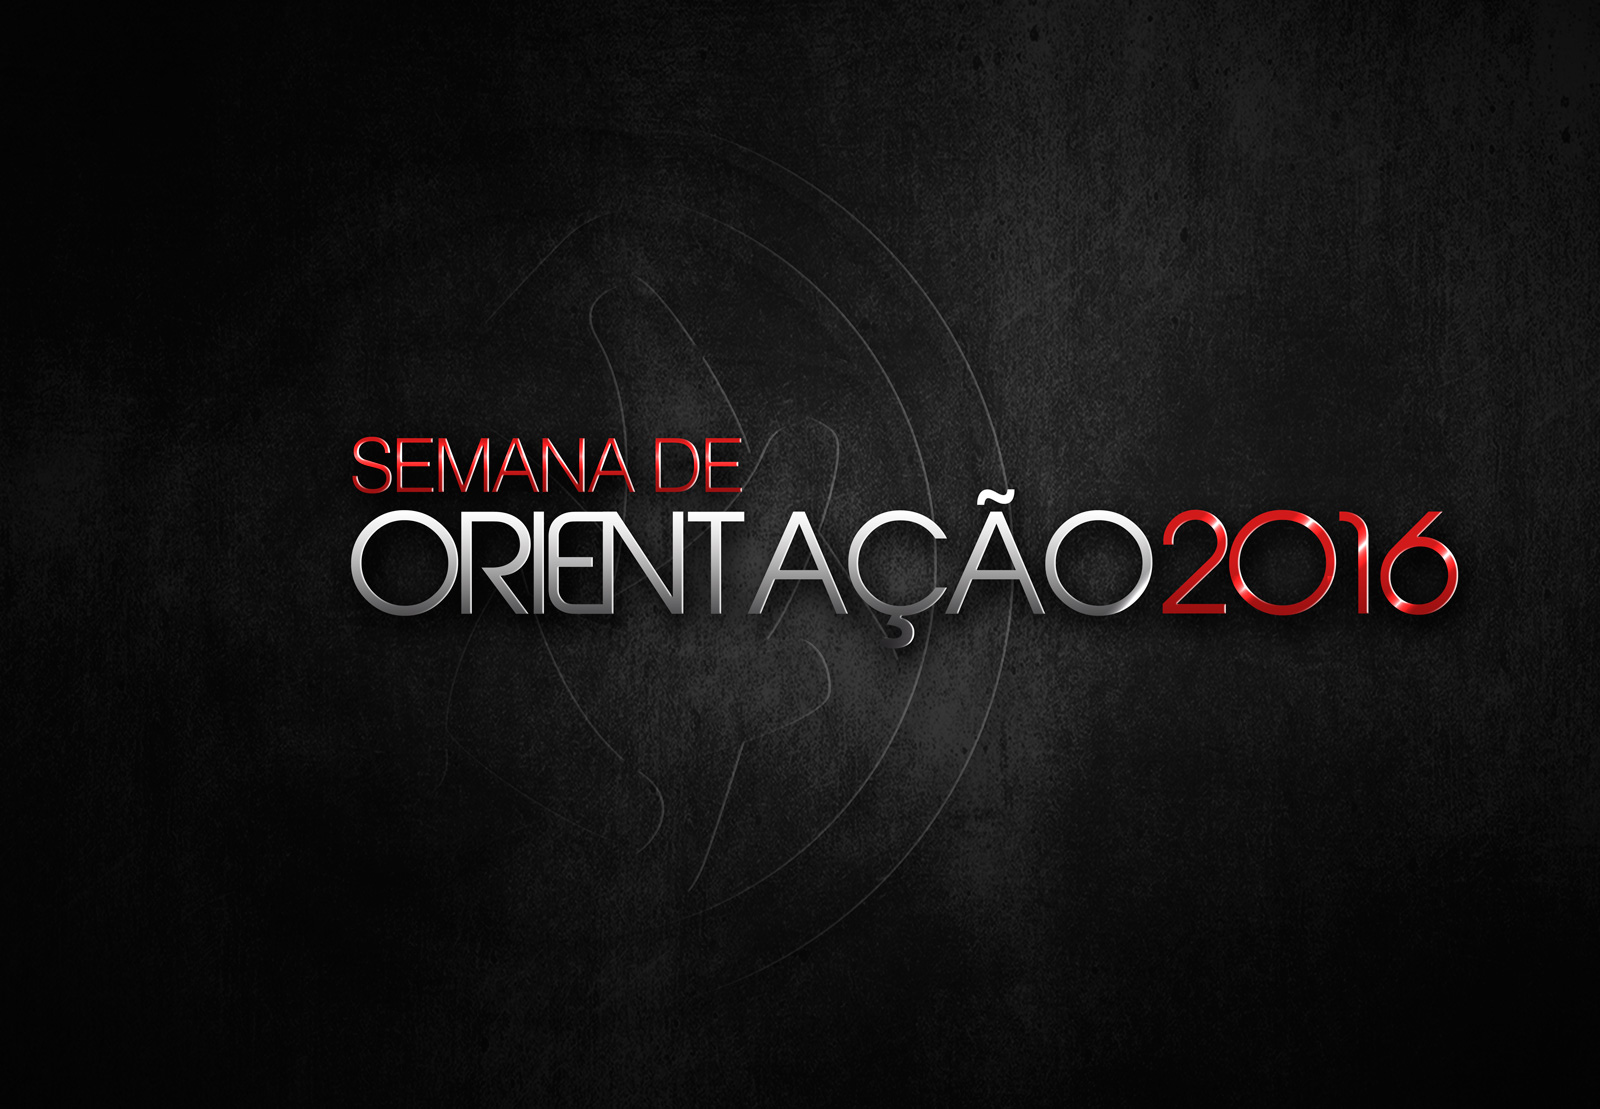 SEMANA DE ORIENTAÇÃO 2016